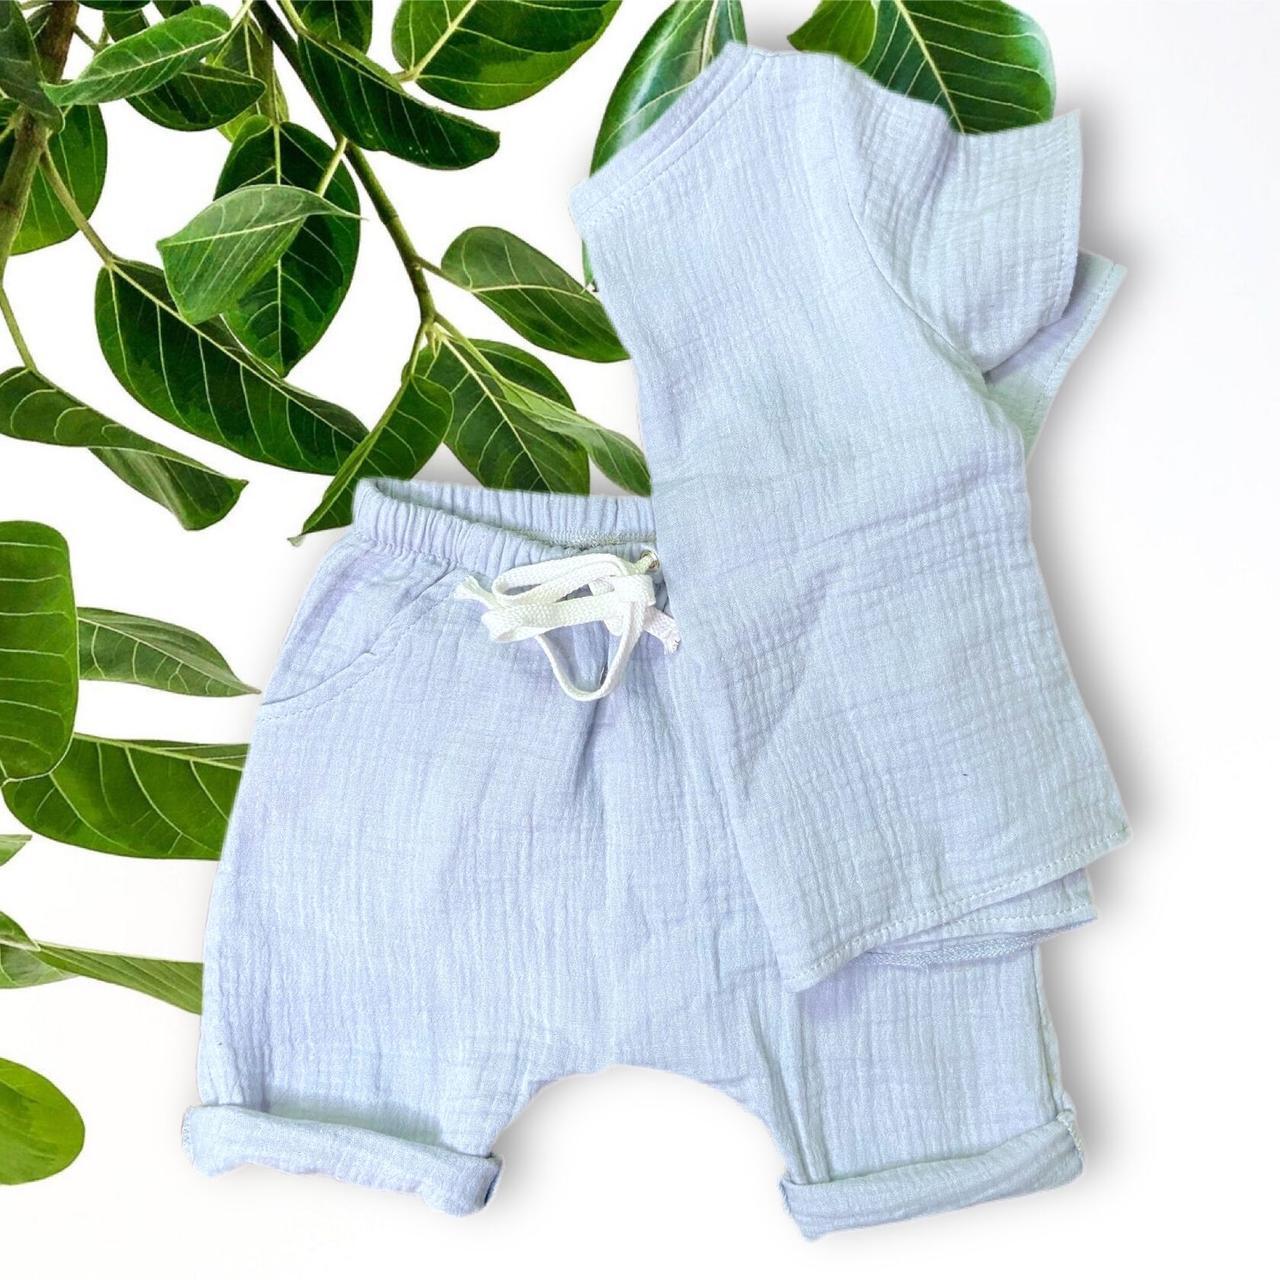 Набор муслиновый детский, шорты футболка, серо-голубой на 1-2 года (есть разные размеры)